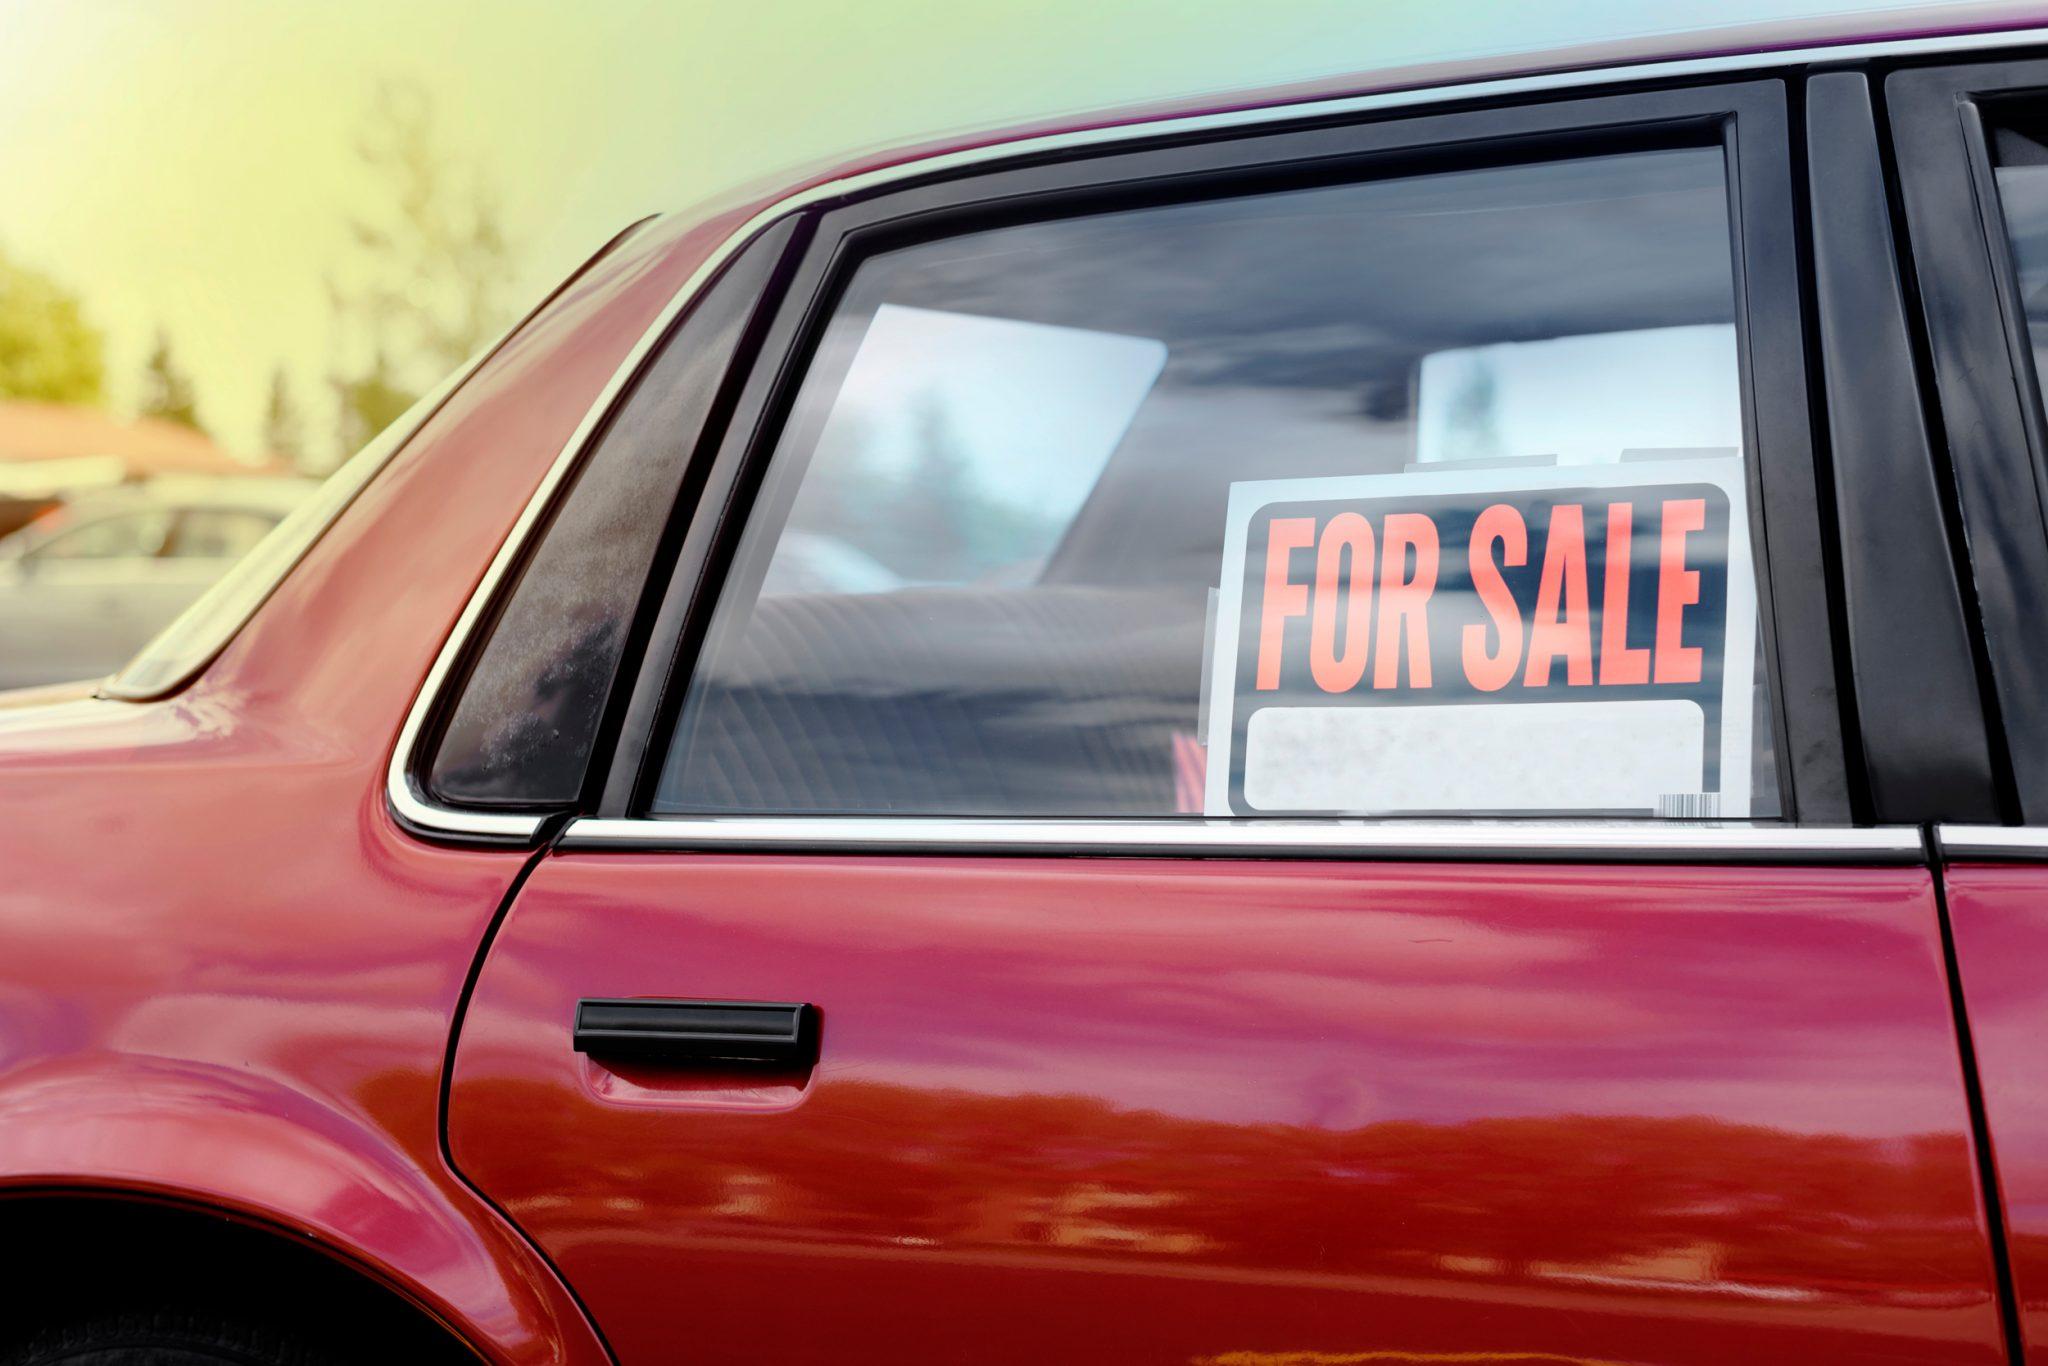 Quasi un milione di auto vendute in meno. Come potrà ripartire il mercato? thumbnail